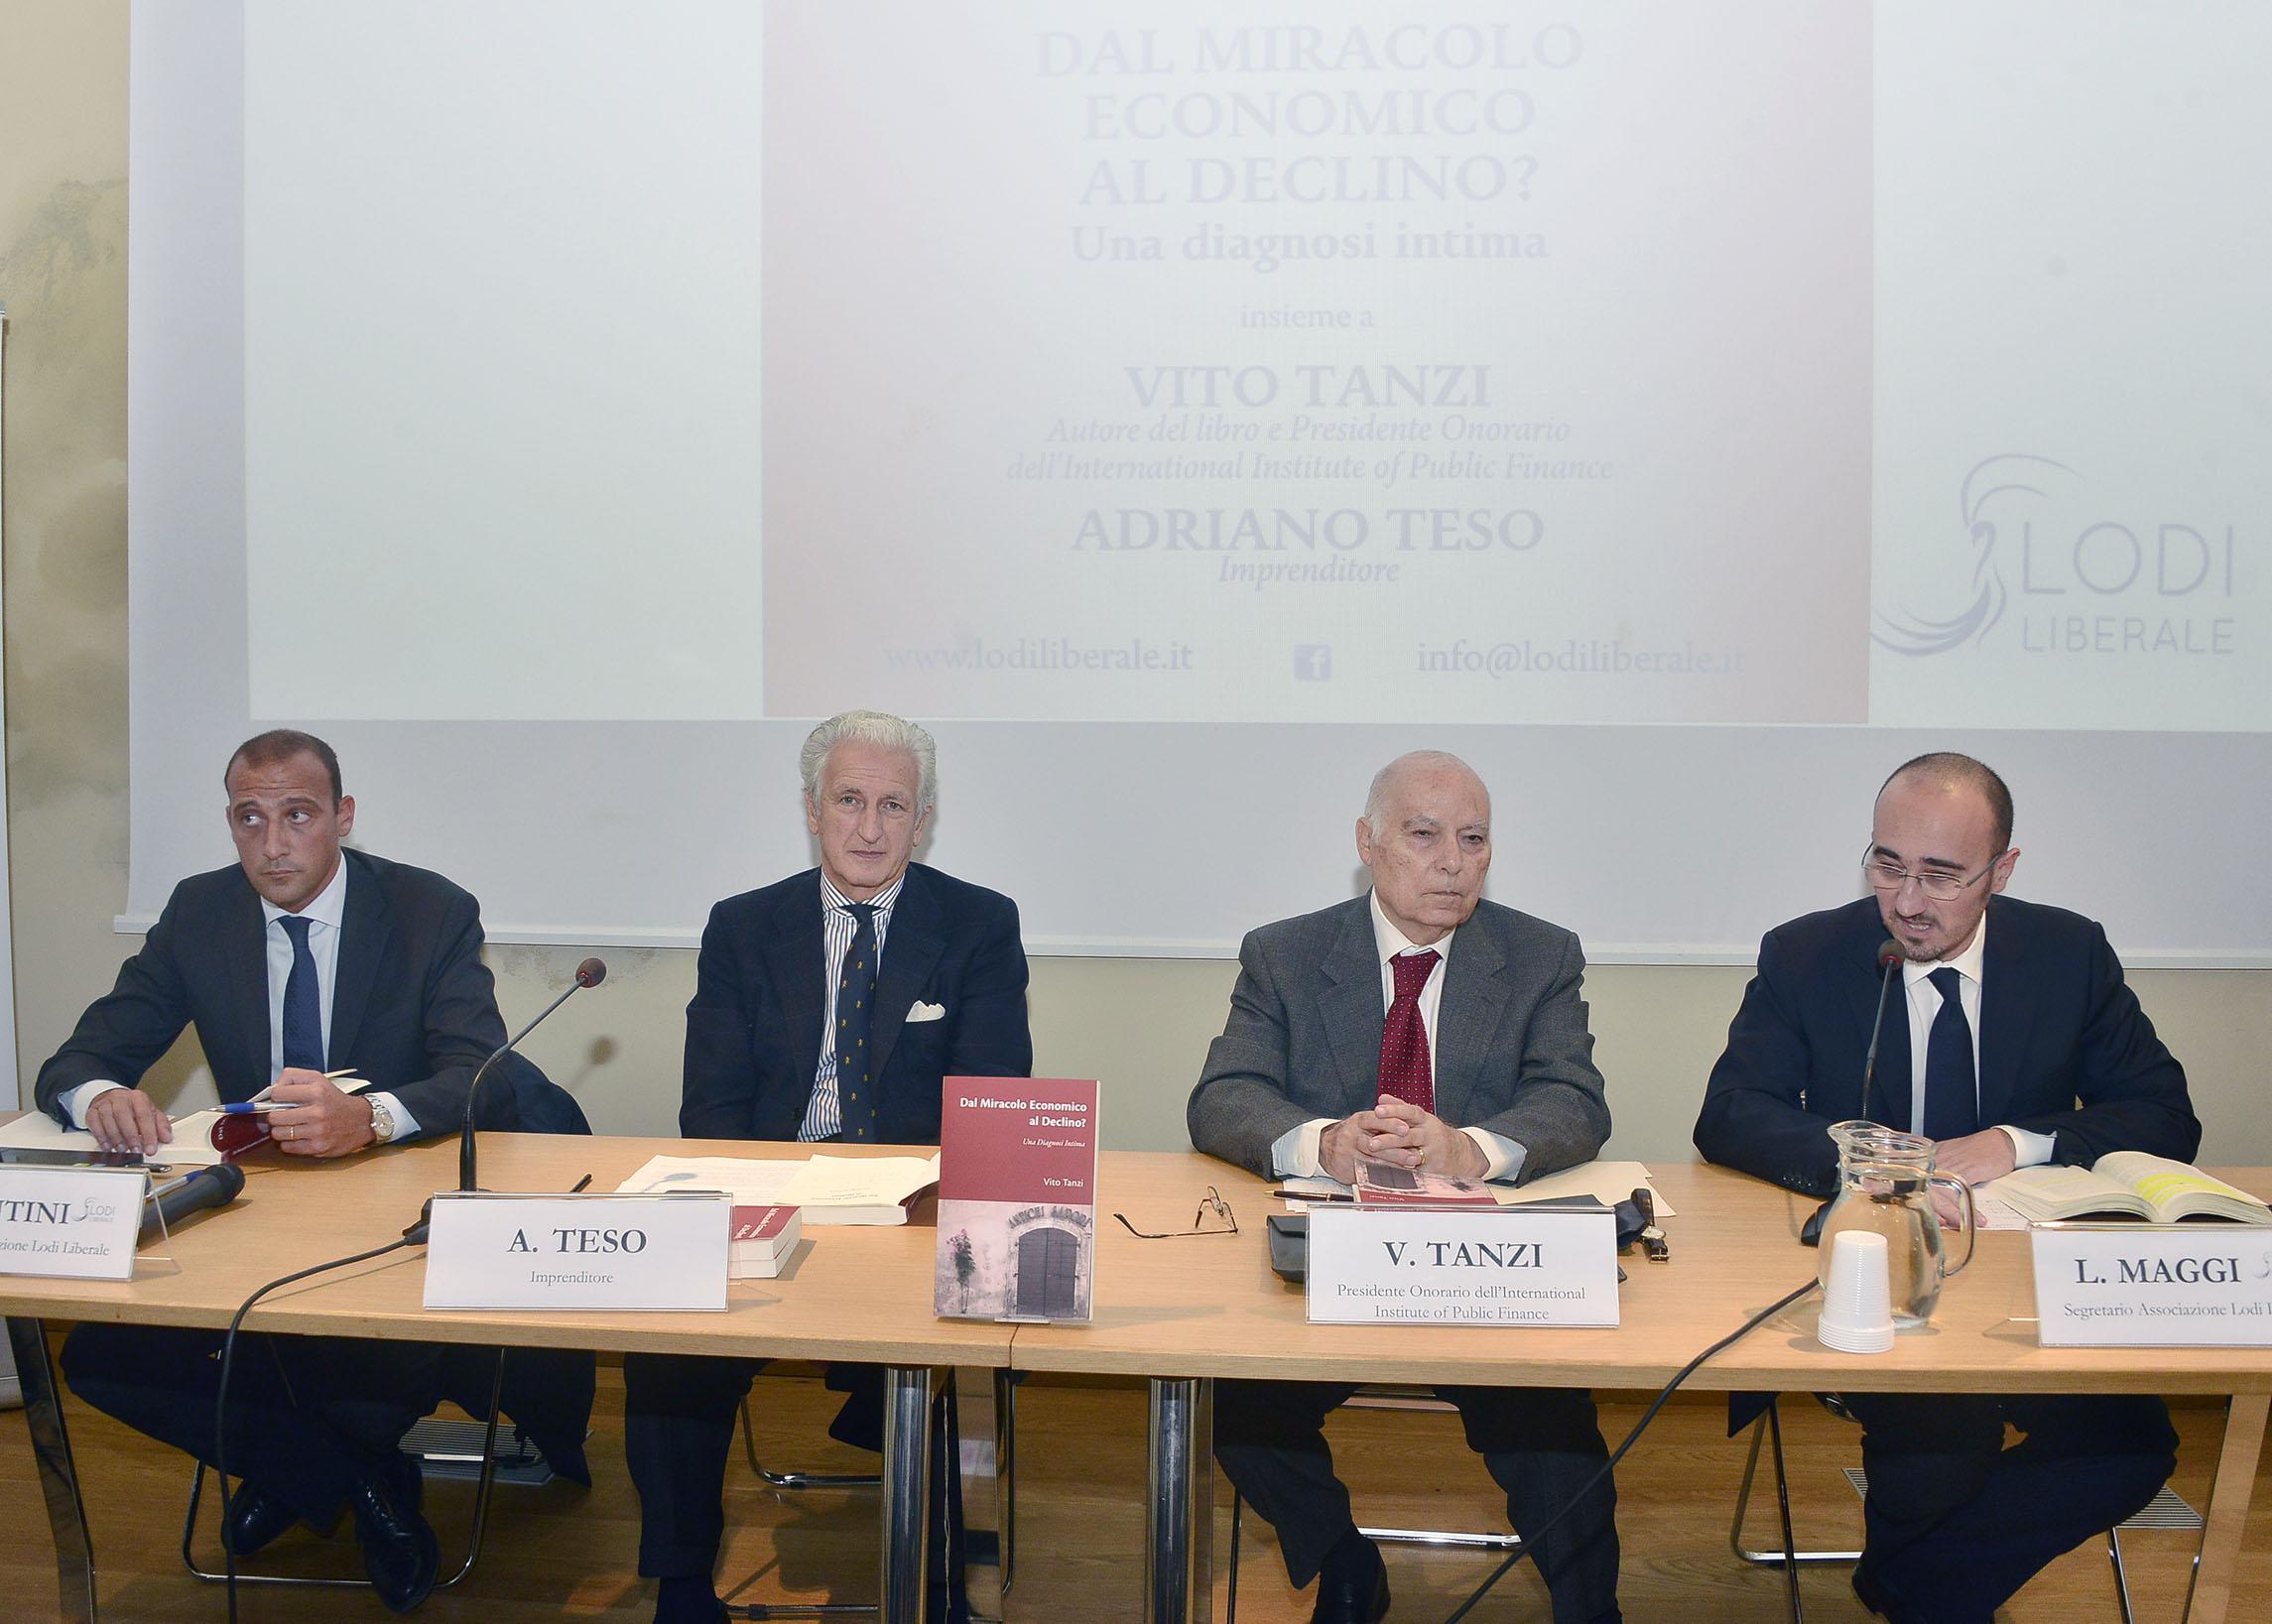 """Associazione Lodi Liberale - Presentazione del libro """"Dal miracolo economico al declino?"""" di Viato Tanzi, Teso, Montini, Maggi"""